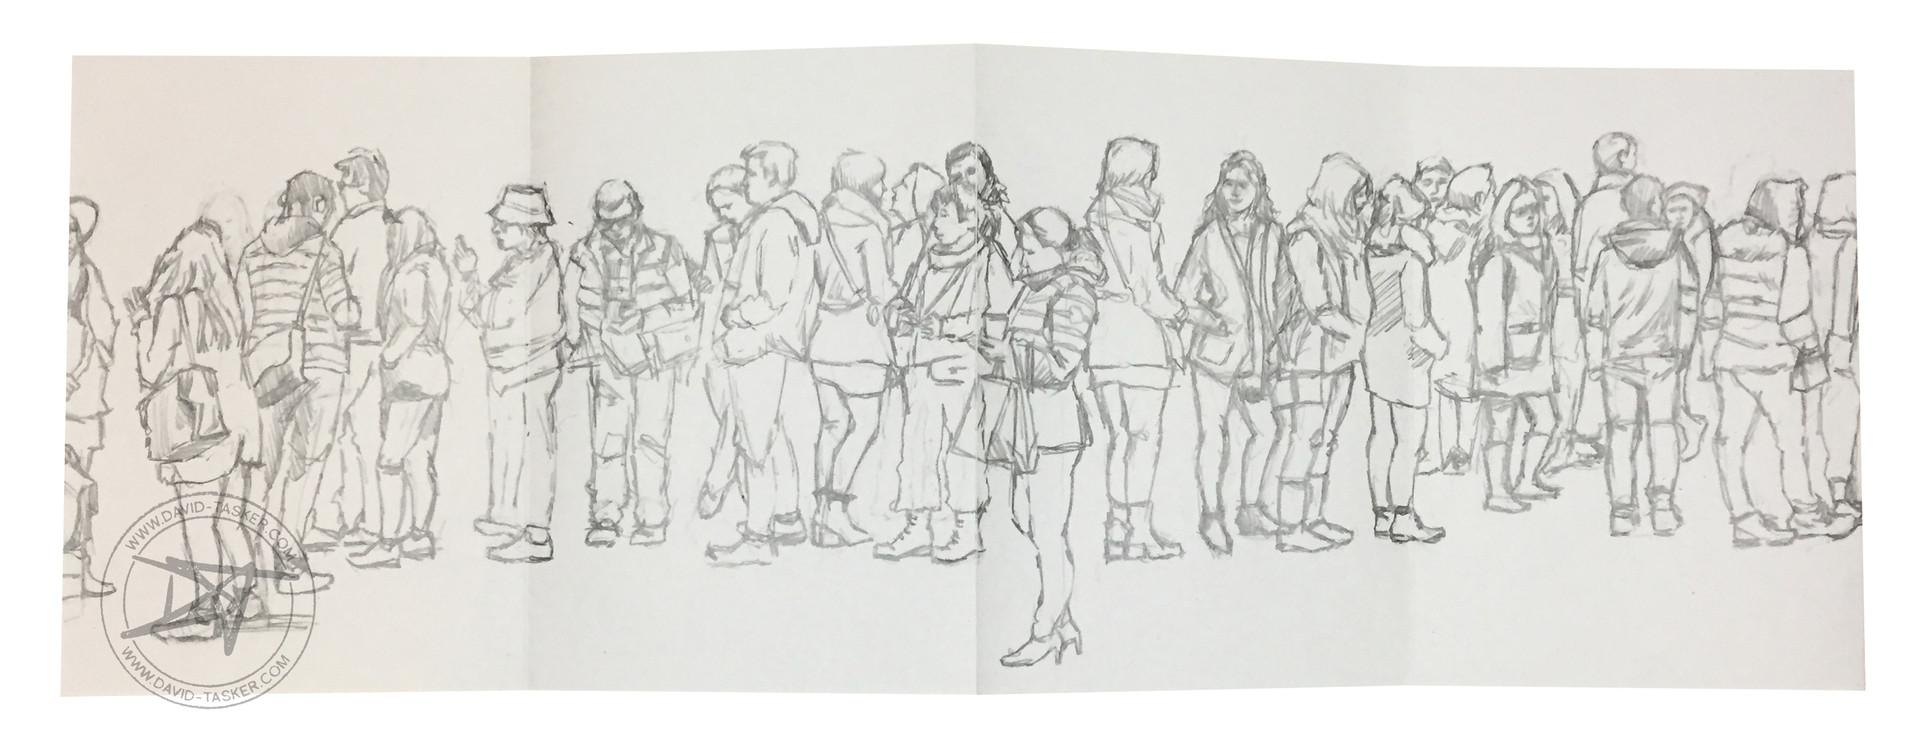 Queue drawing 3.jpg